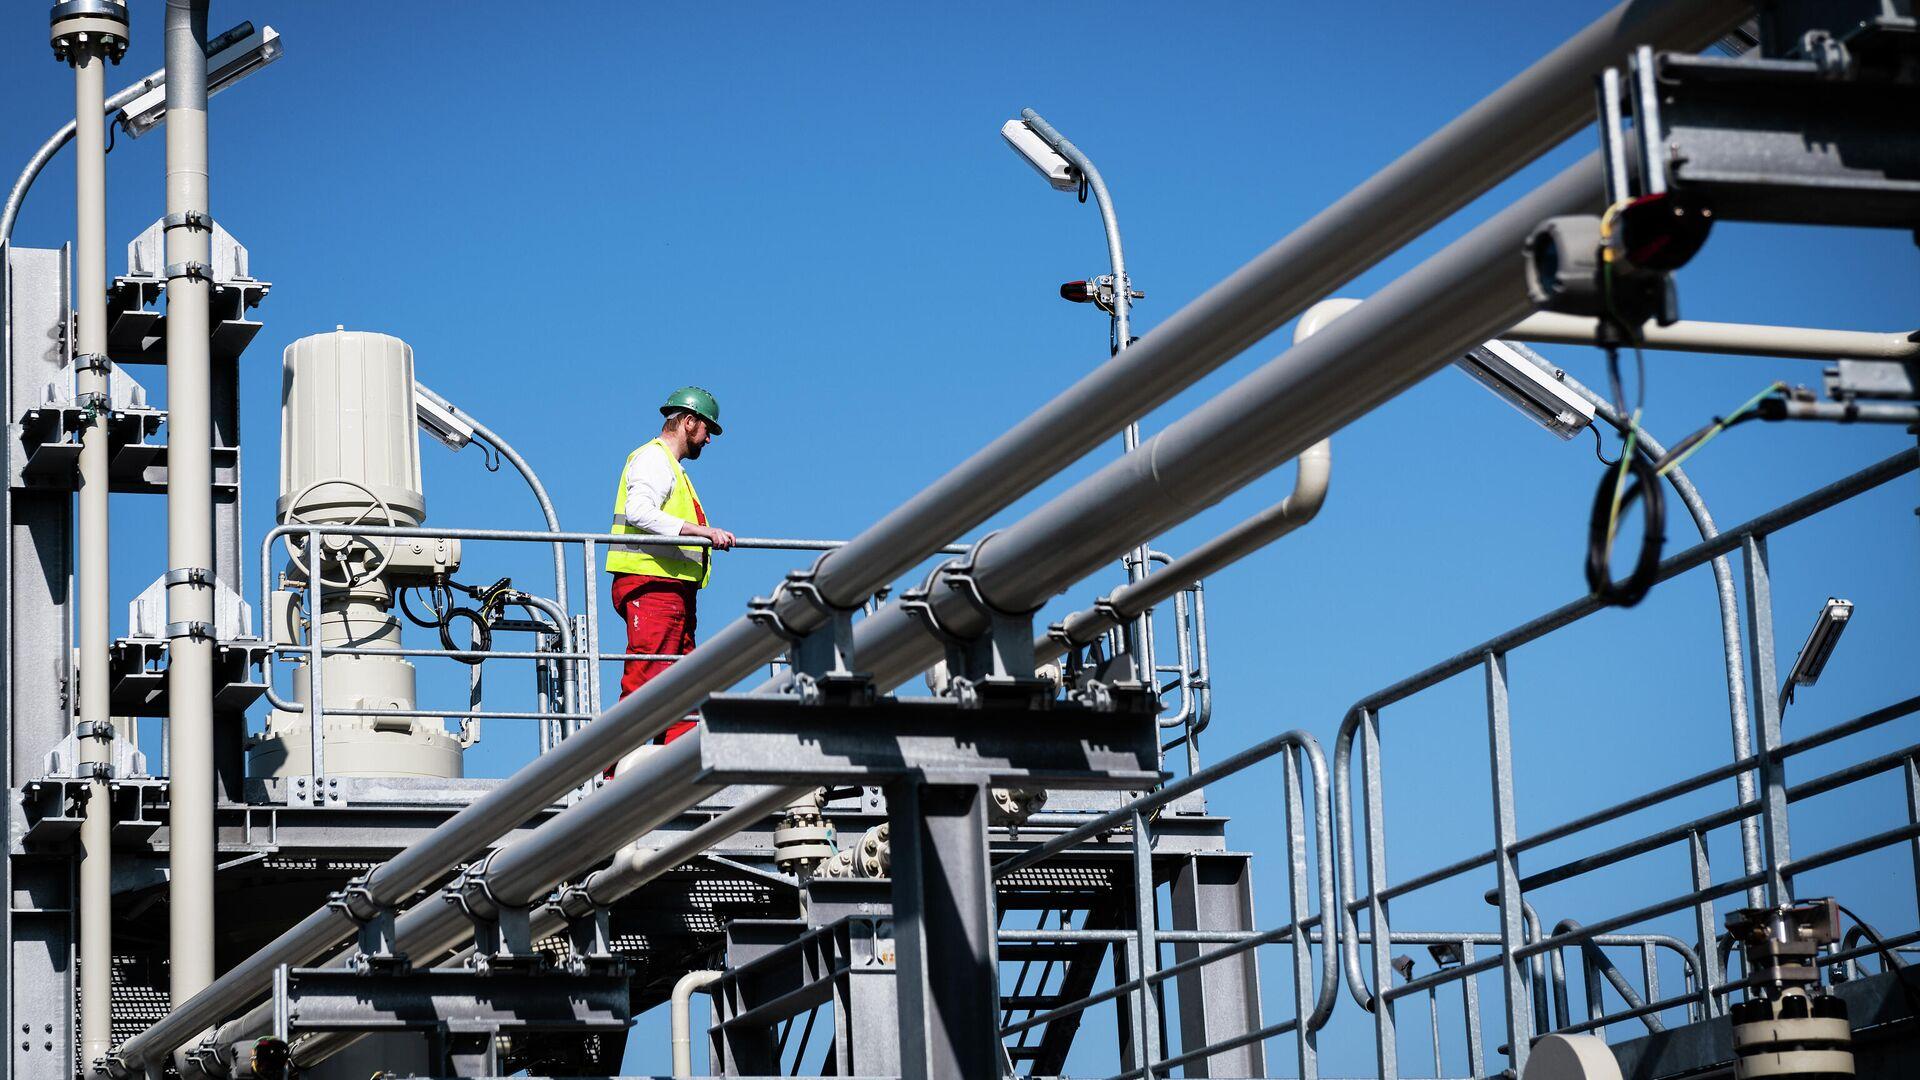 La construcción del gasoducto Nord Stream 2 en Alemania - Sputnik Mundo, 1920, 05.04.2021